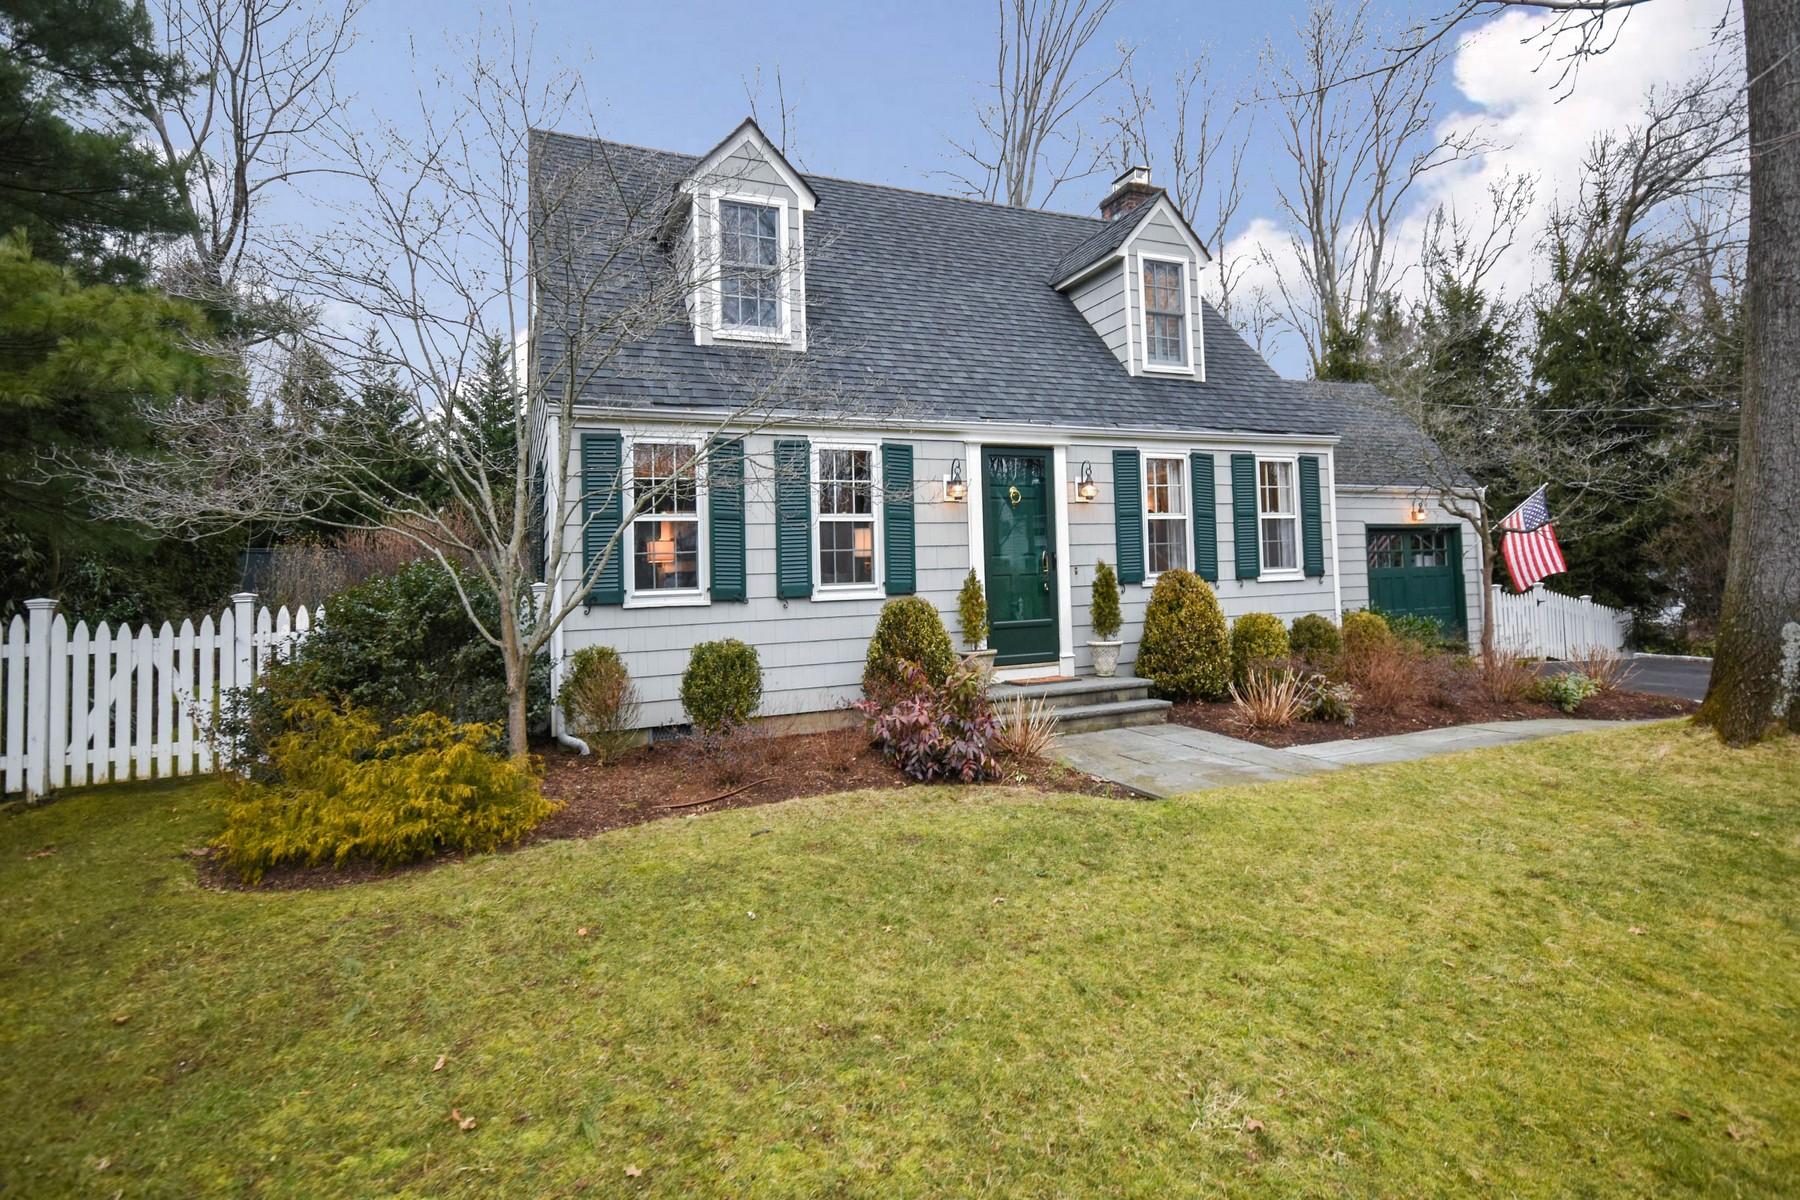 Vivienda unifamiliar por un Venta en Turn-Key Perfection In Darien 21 Oak Crest Darien, Connecticut, 06820 Estados Unidos